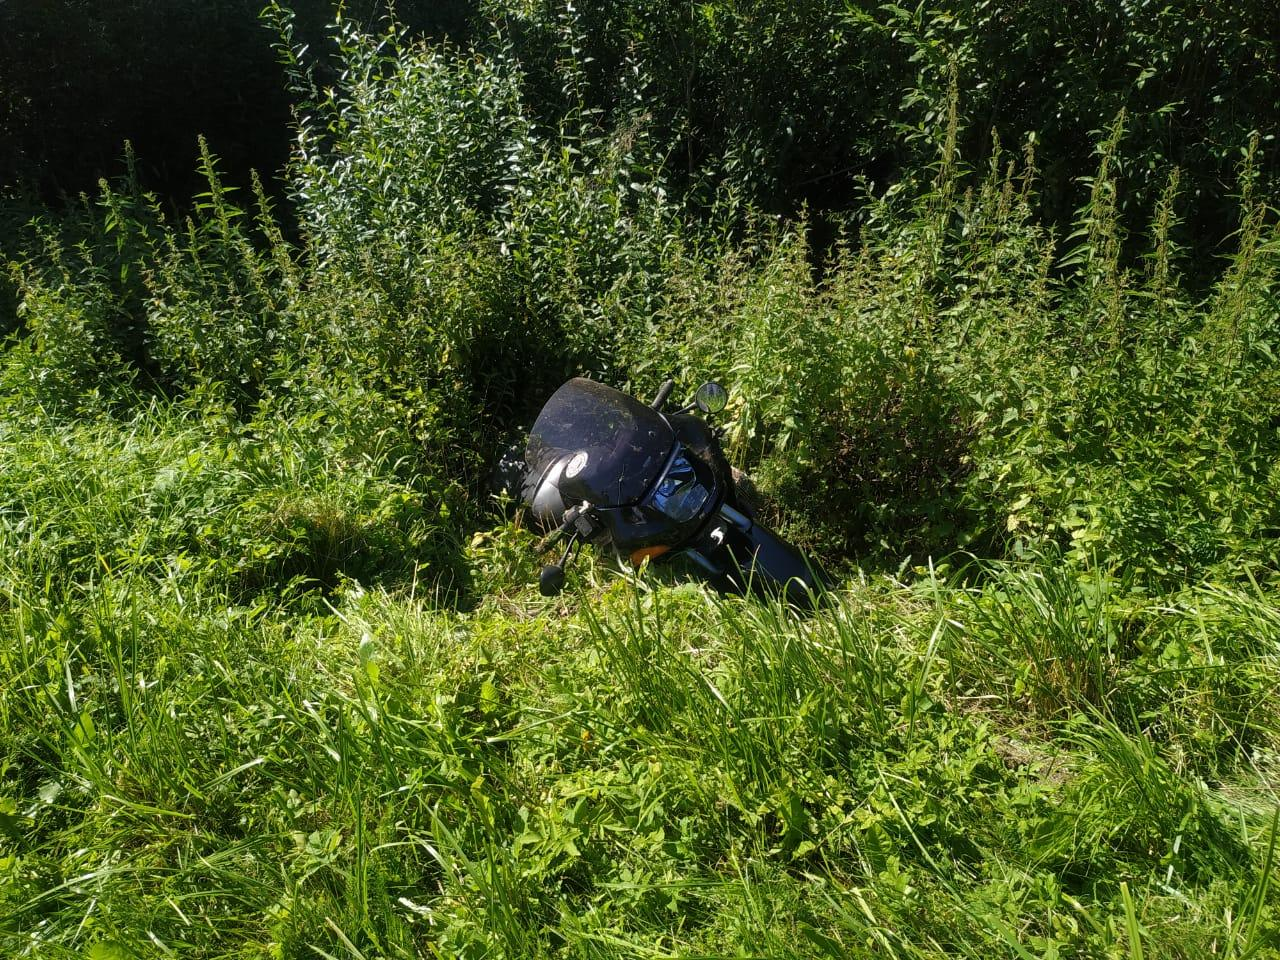 В Тверской области попавший в ДТП мотоциклист доставлен в больницу - новости Афанасий